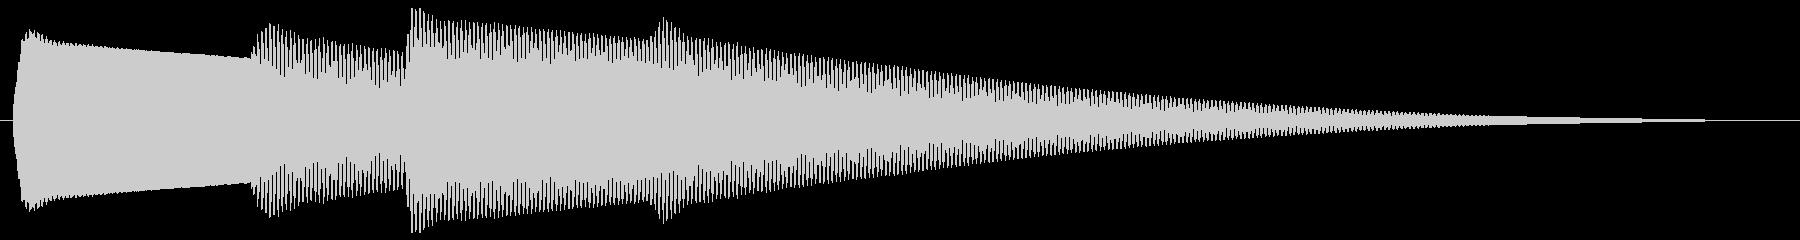 玄関チャイム ピンポピンポーン(2回)の未再生の波形